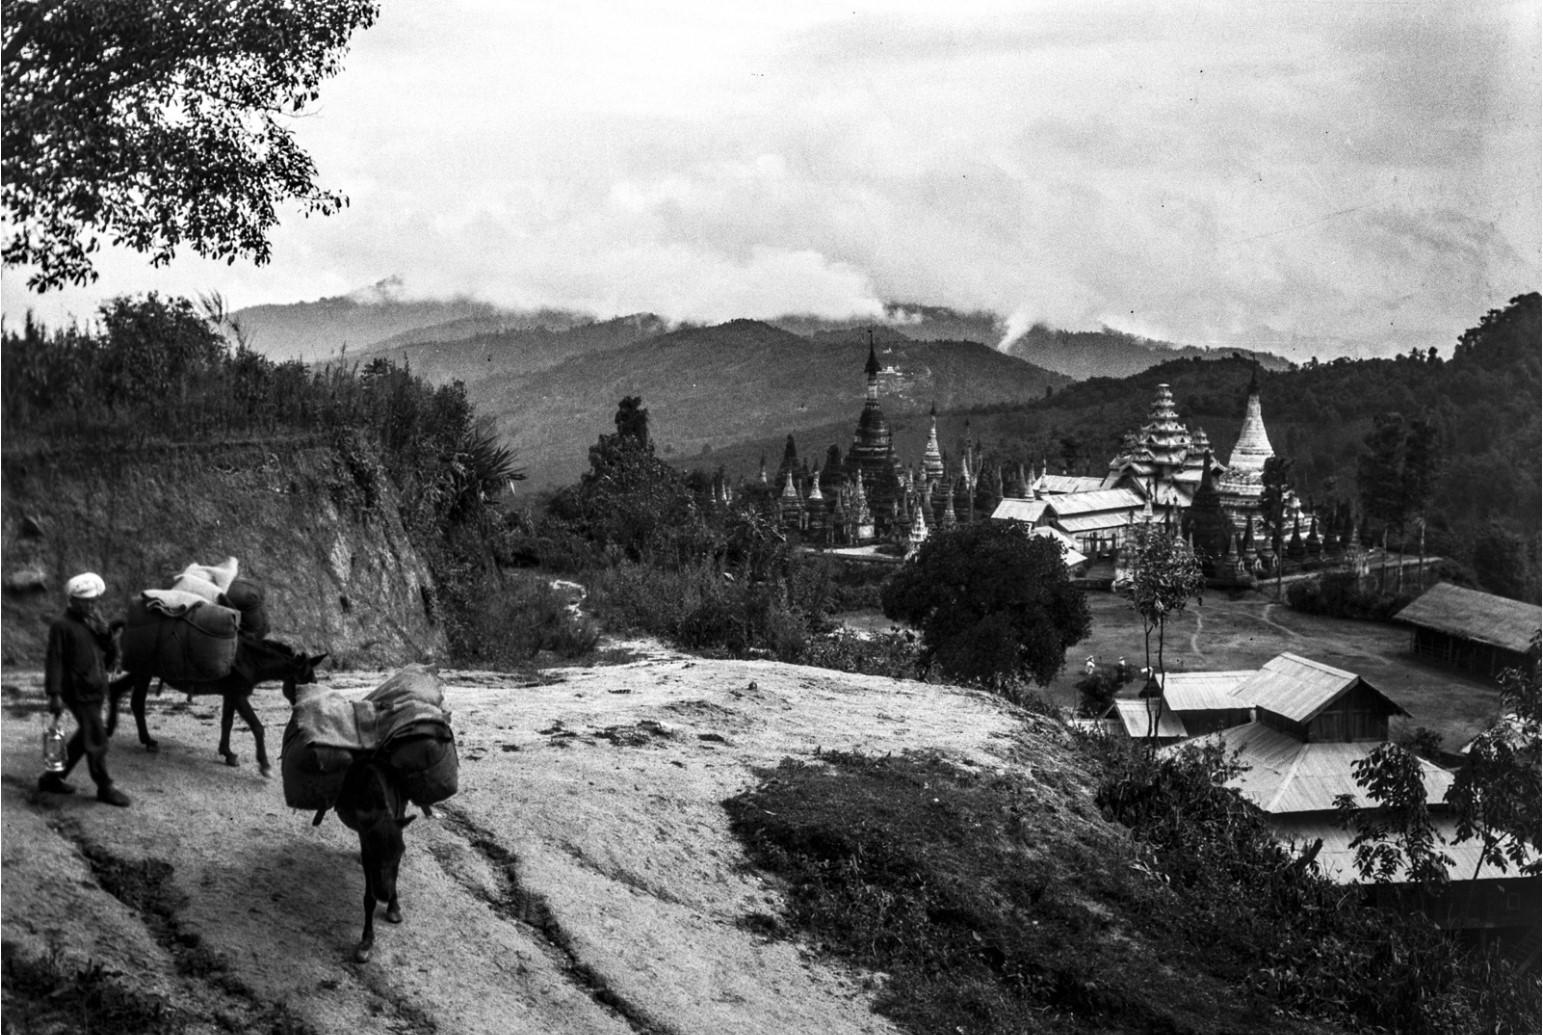 892. Вид на горную долину с пагодами в районе города Нансхан